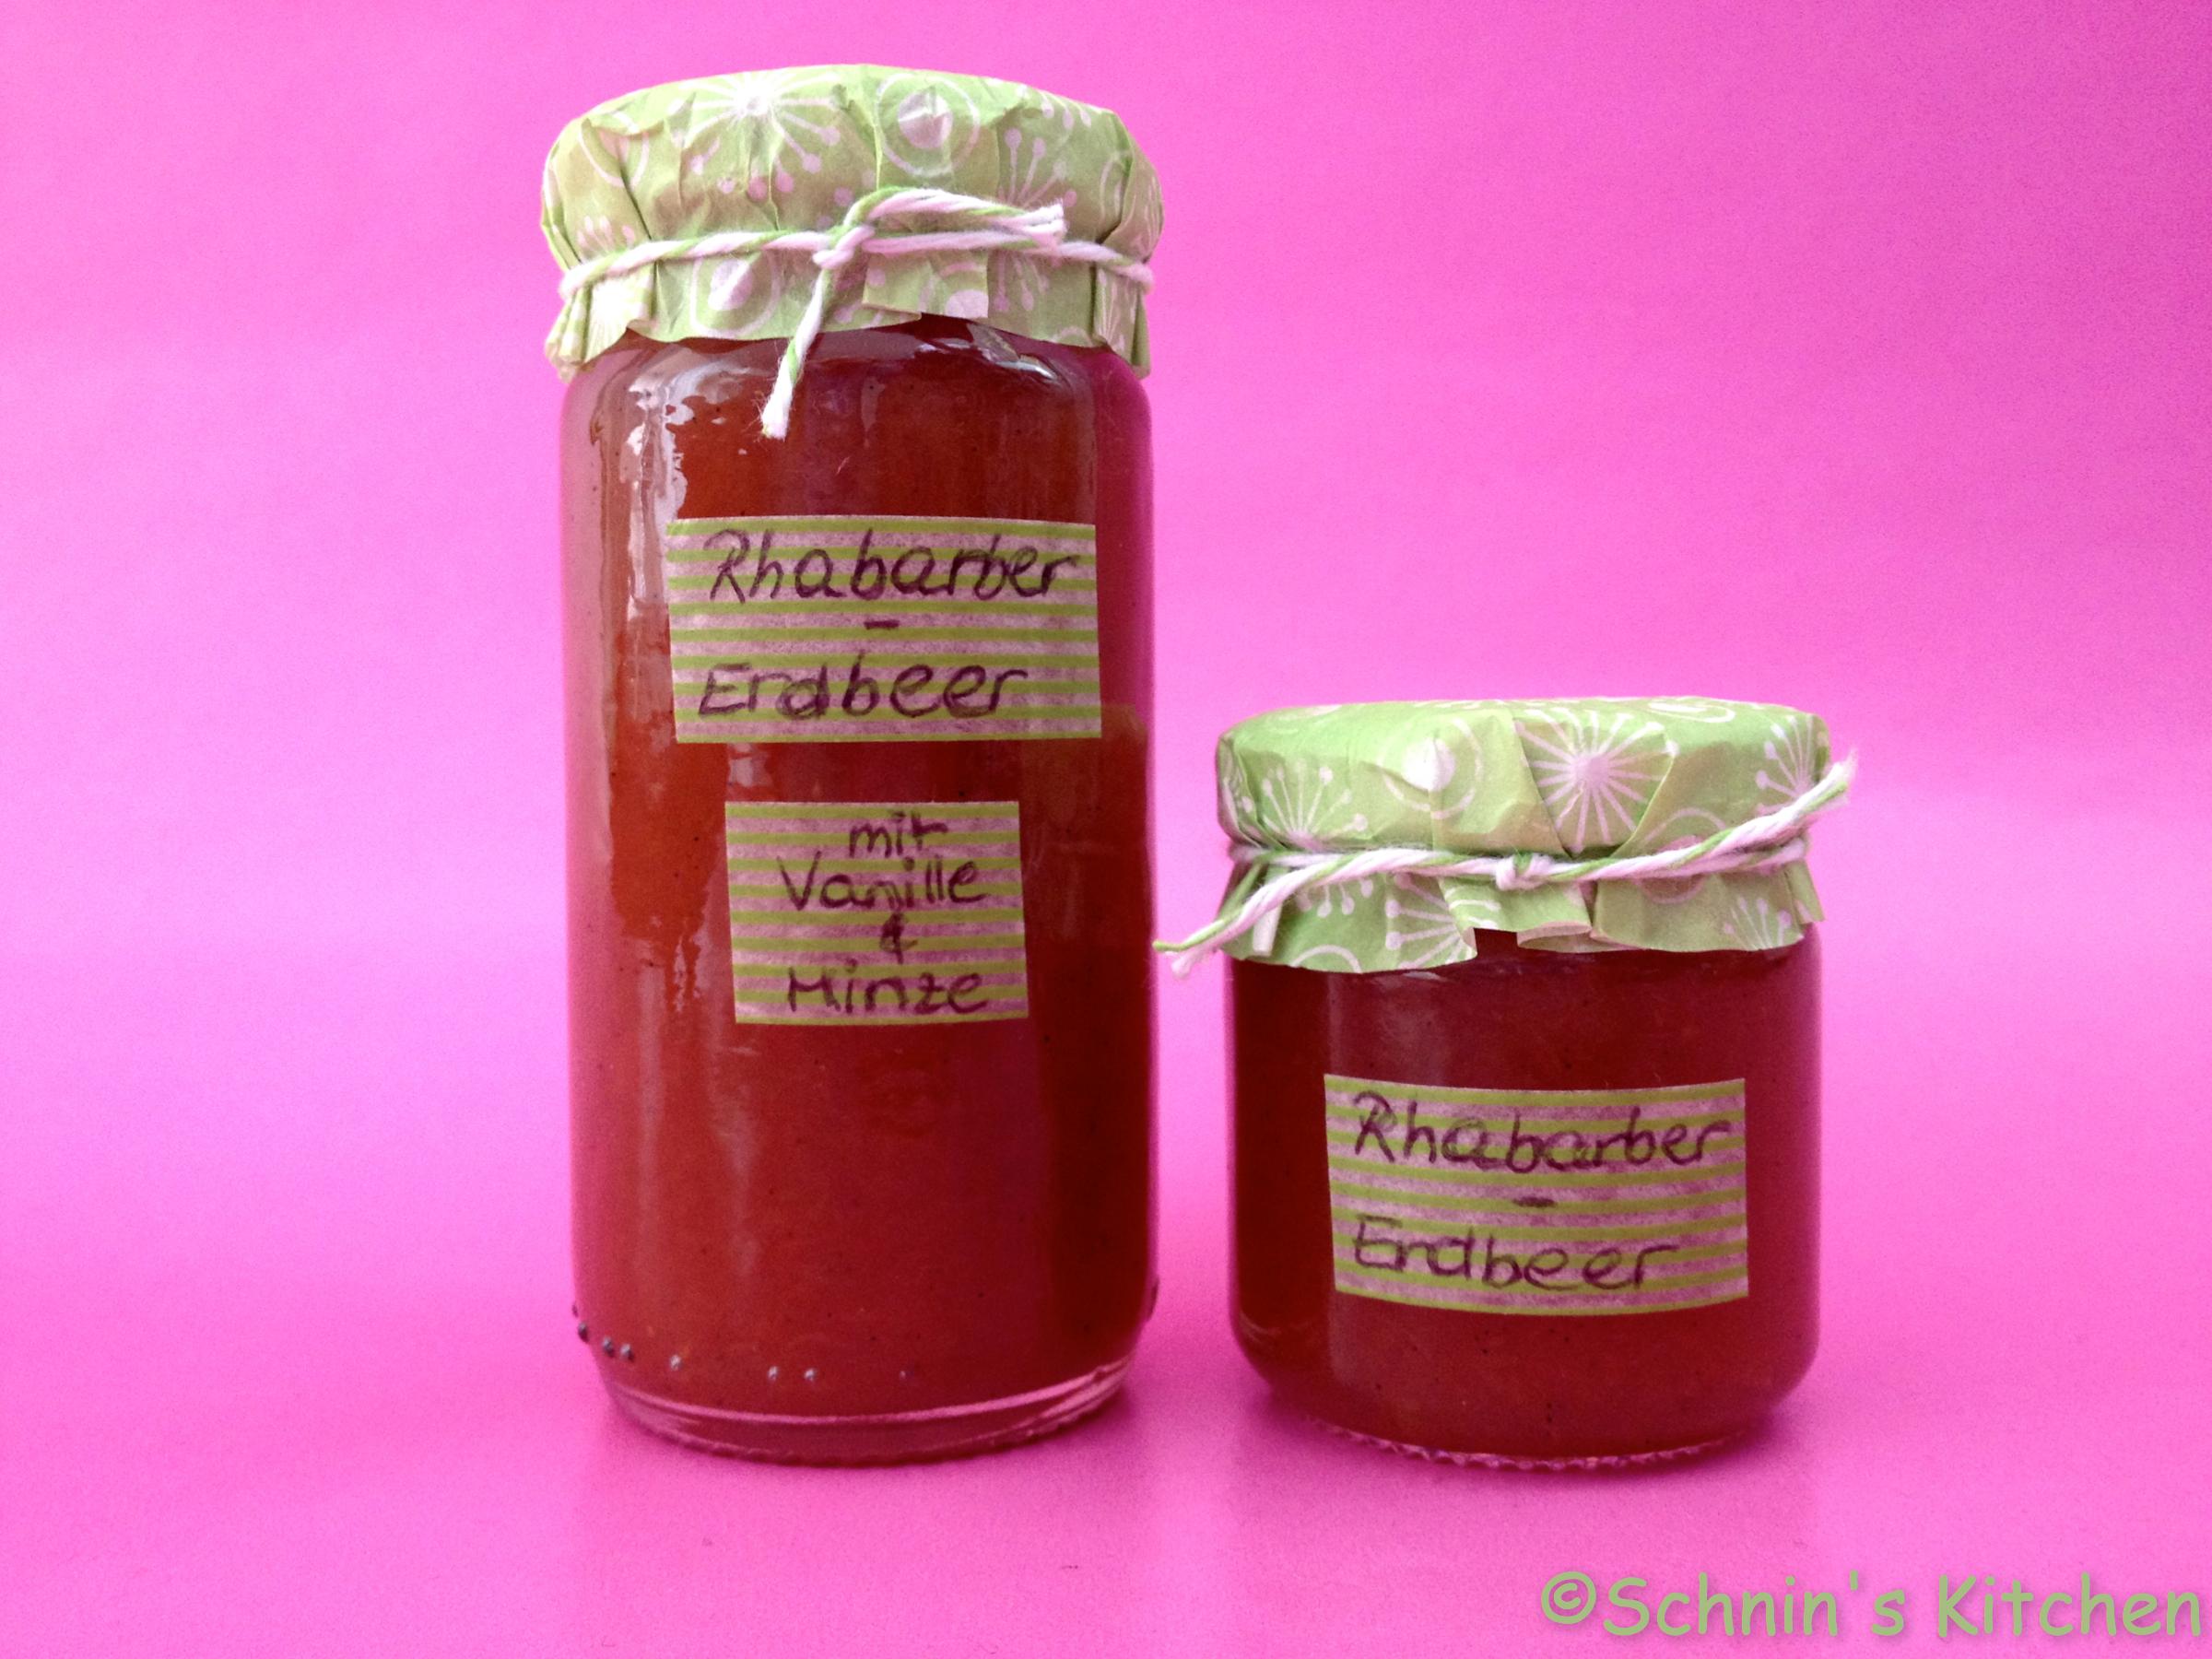 rhabarber erdbeer marmelade mit vanille minze schnins kitchen schnins kitchen. Black Bedroom Furniture Sets. Home Design Ideas